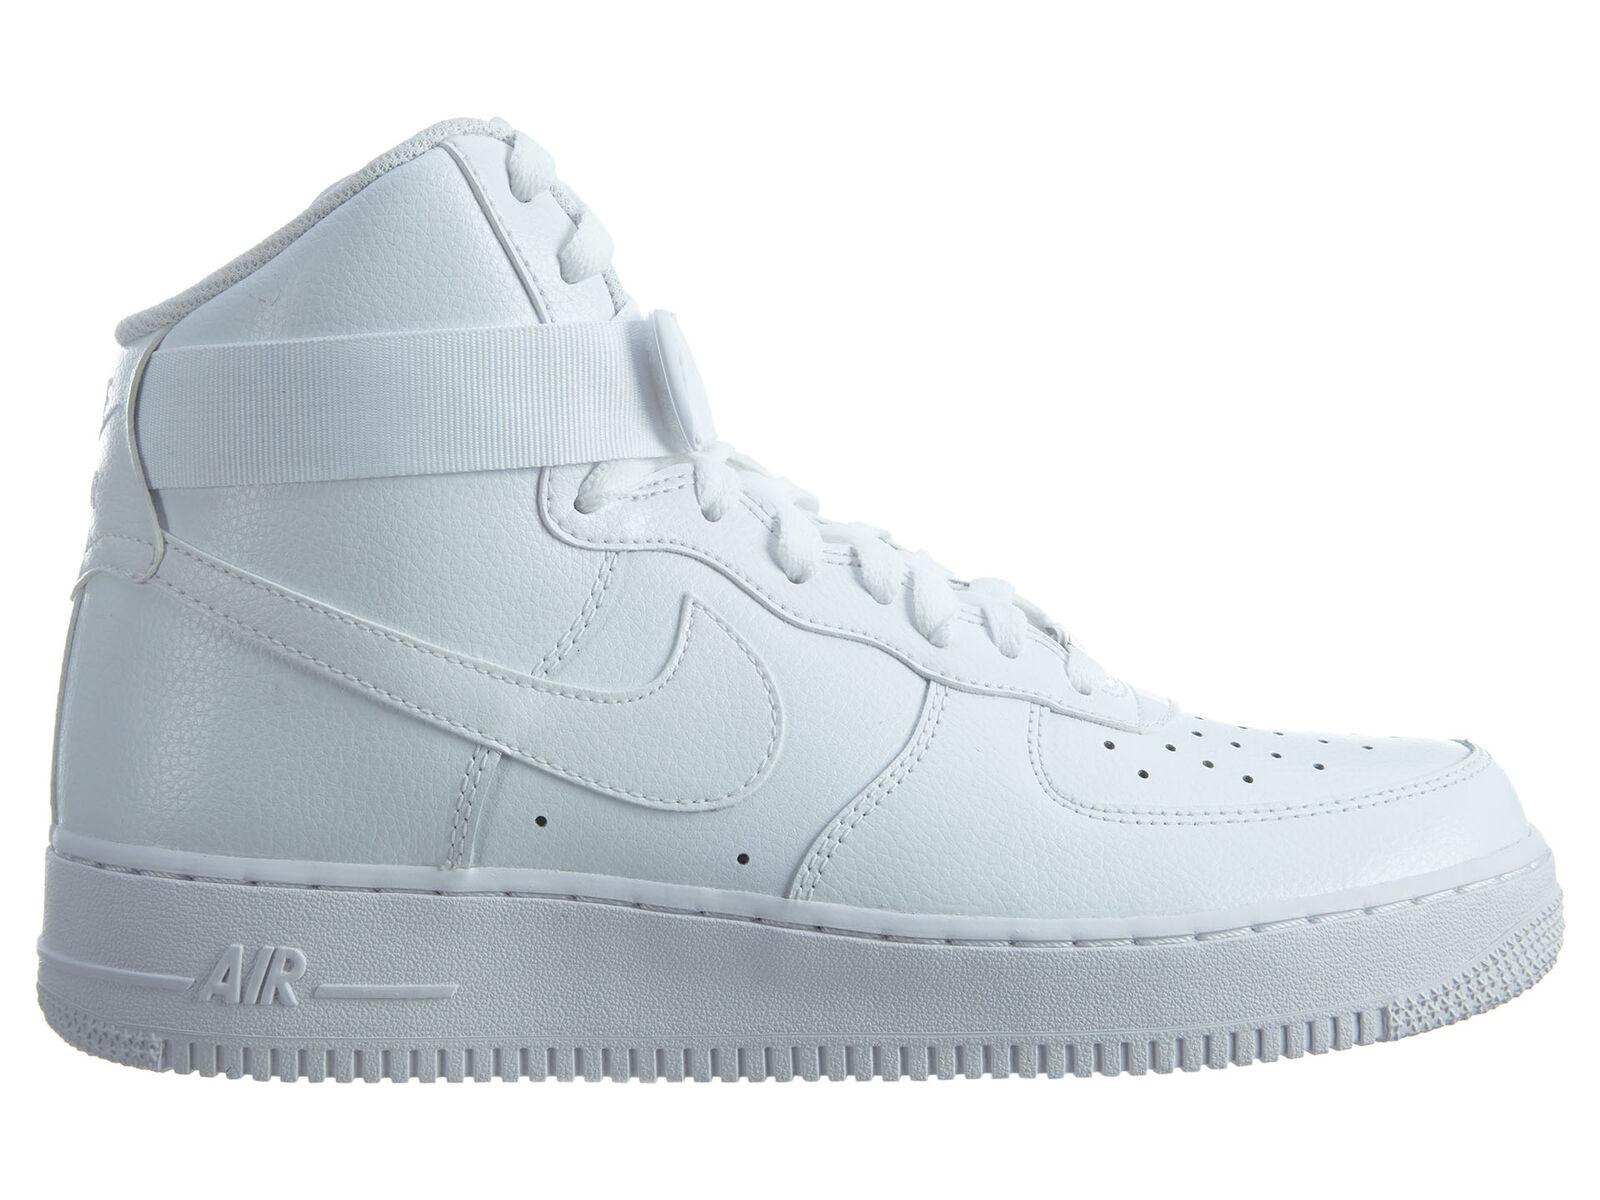 Nike air force di alto 2007 Uomo 315121-115 di pelle bianca, scarpe da ginnastica taglia